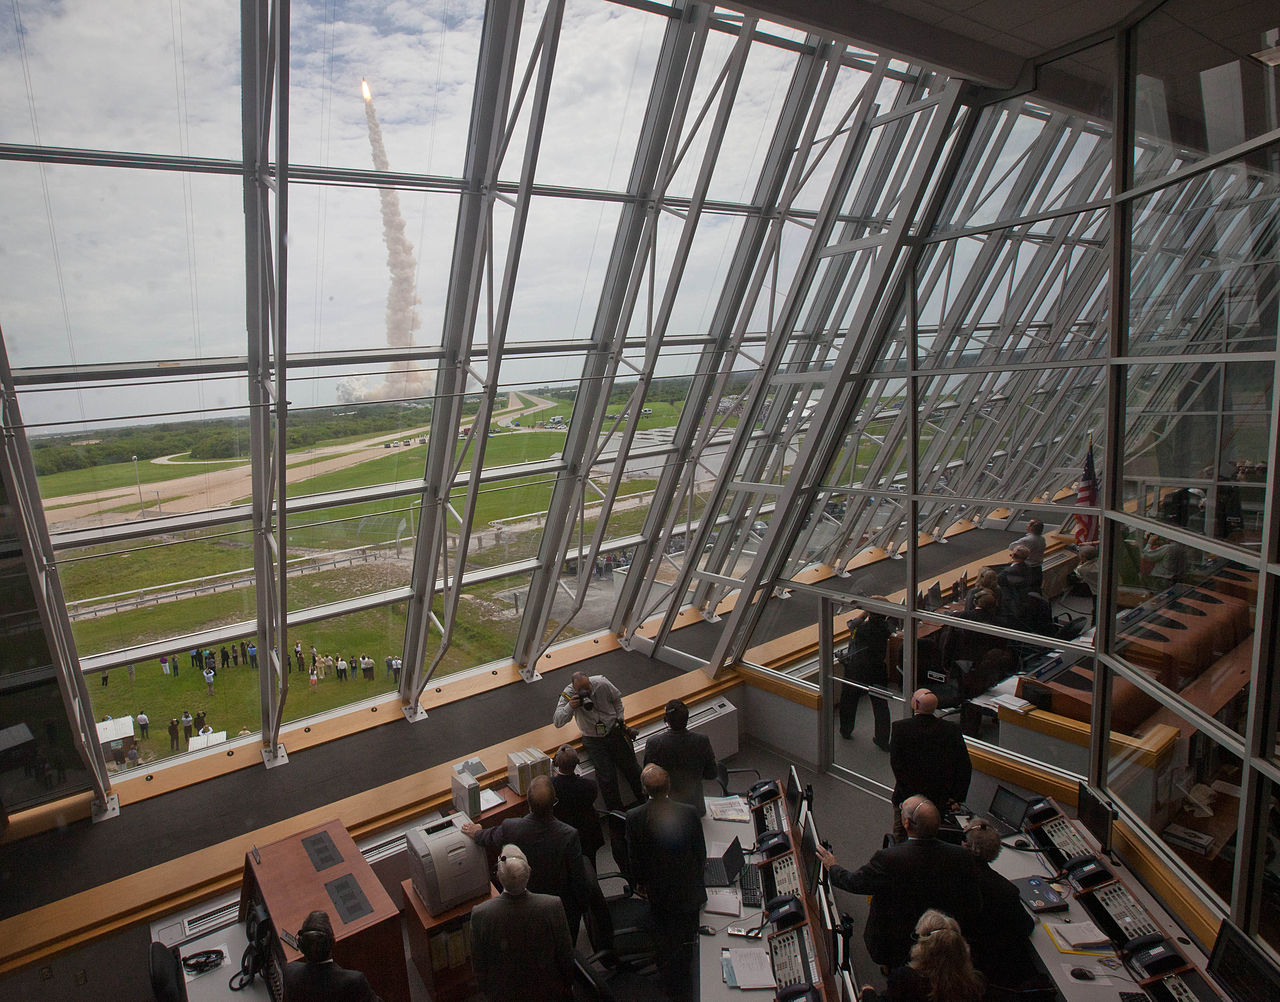 Stredisko riadenia štartu. Toto je spomínaná presklená stena, z ktorej bol nádherný výhľad na rampu. Na snímke momentálne vidieť, ako sa z nej dvíha raketoplán Atlantis. Zdroj.